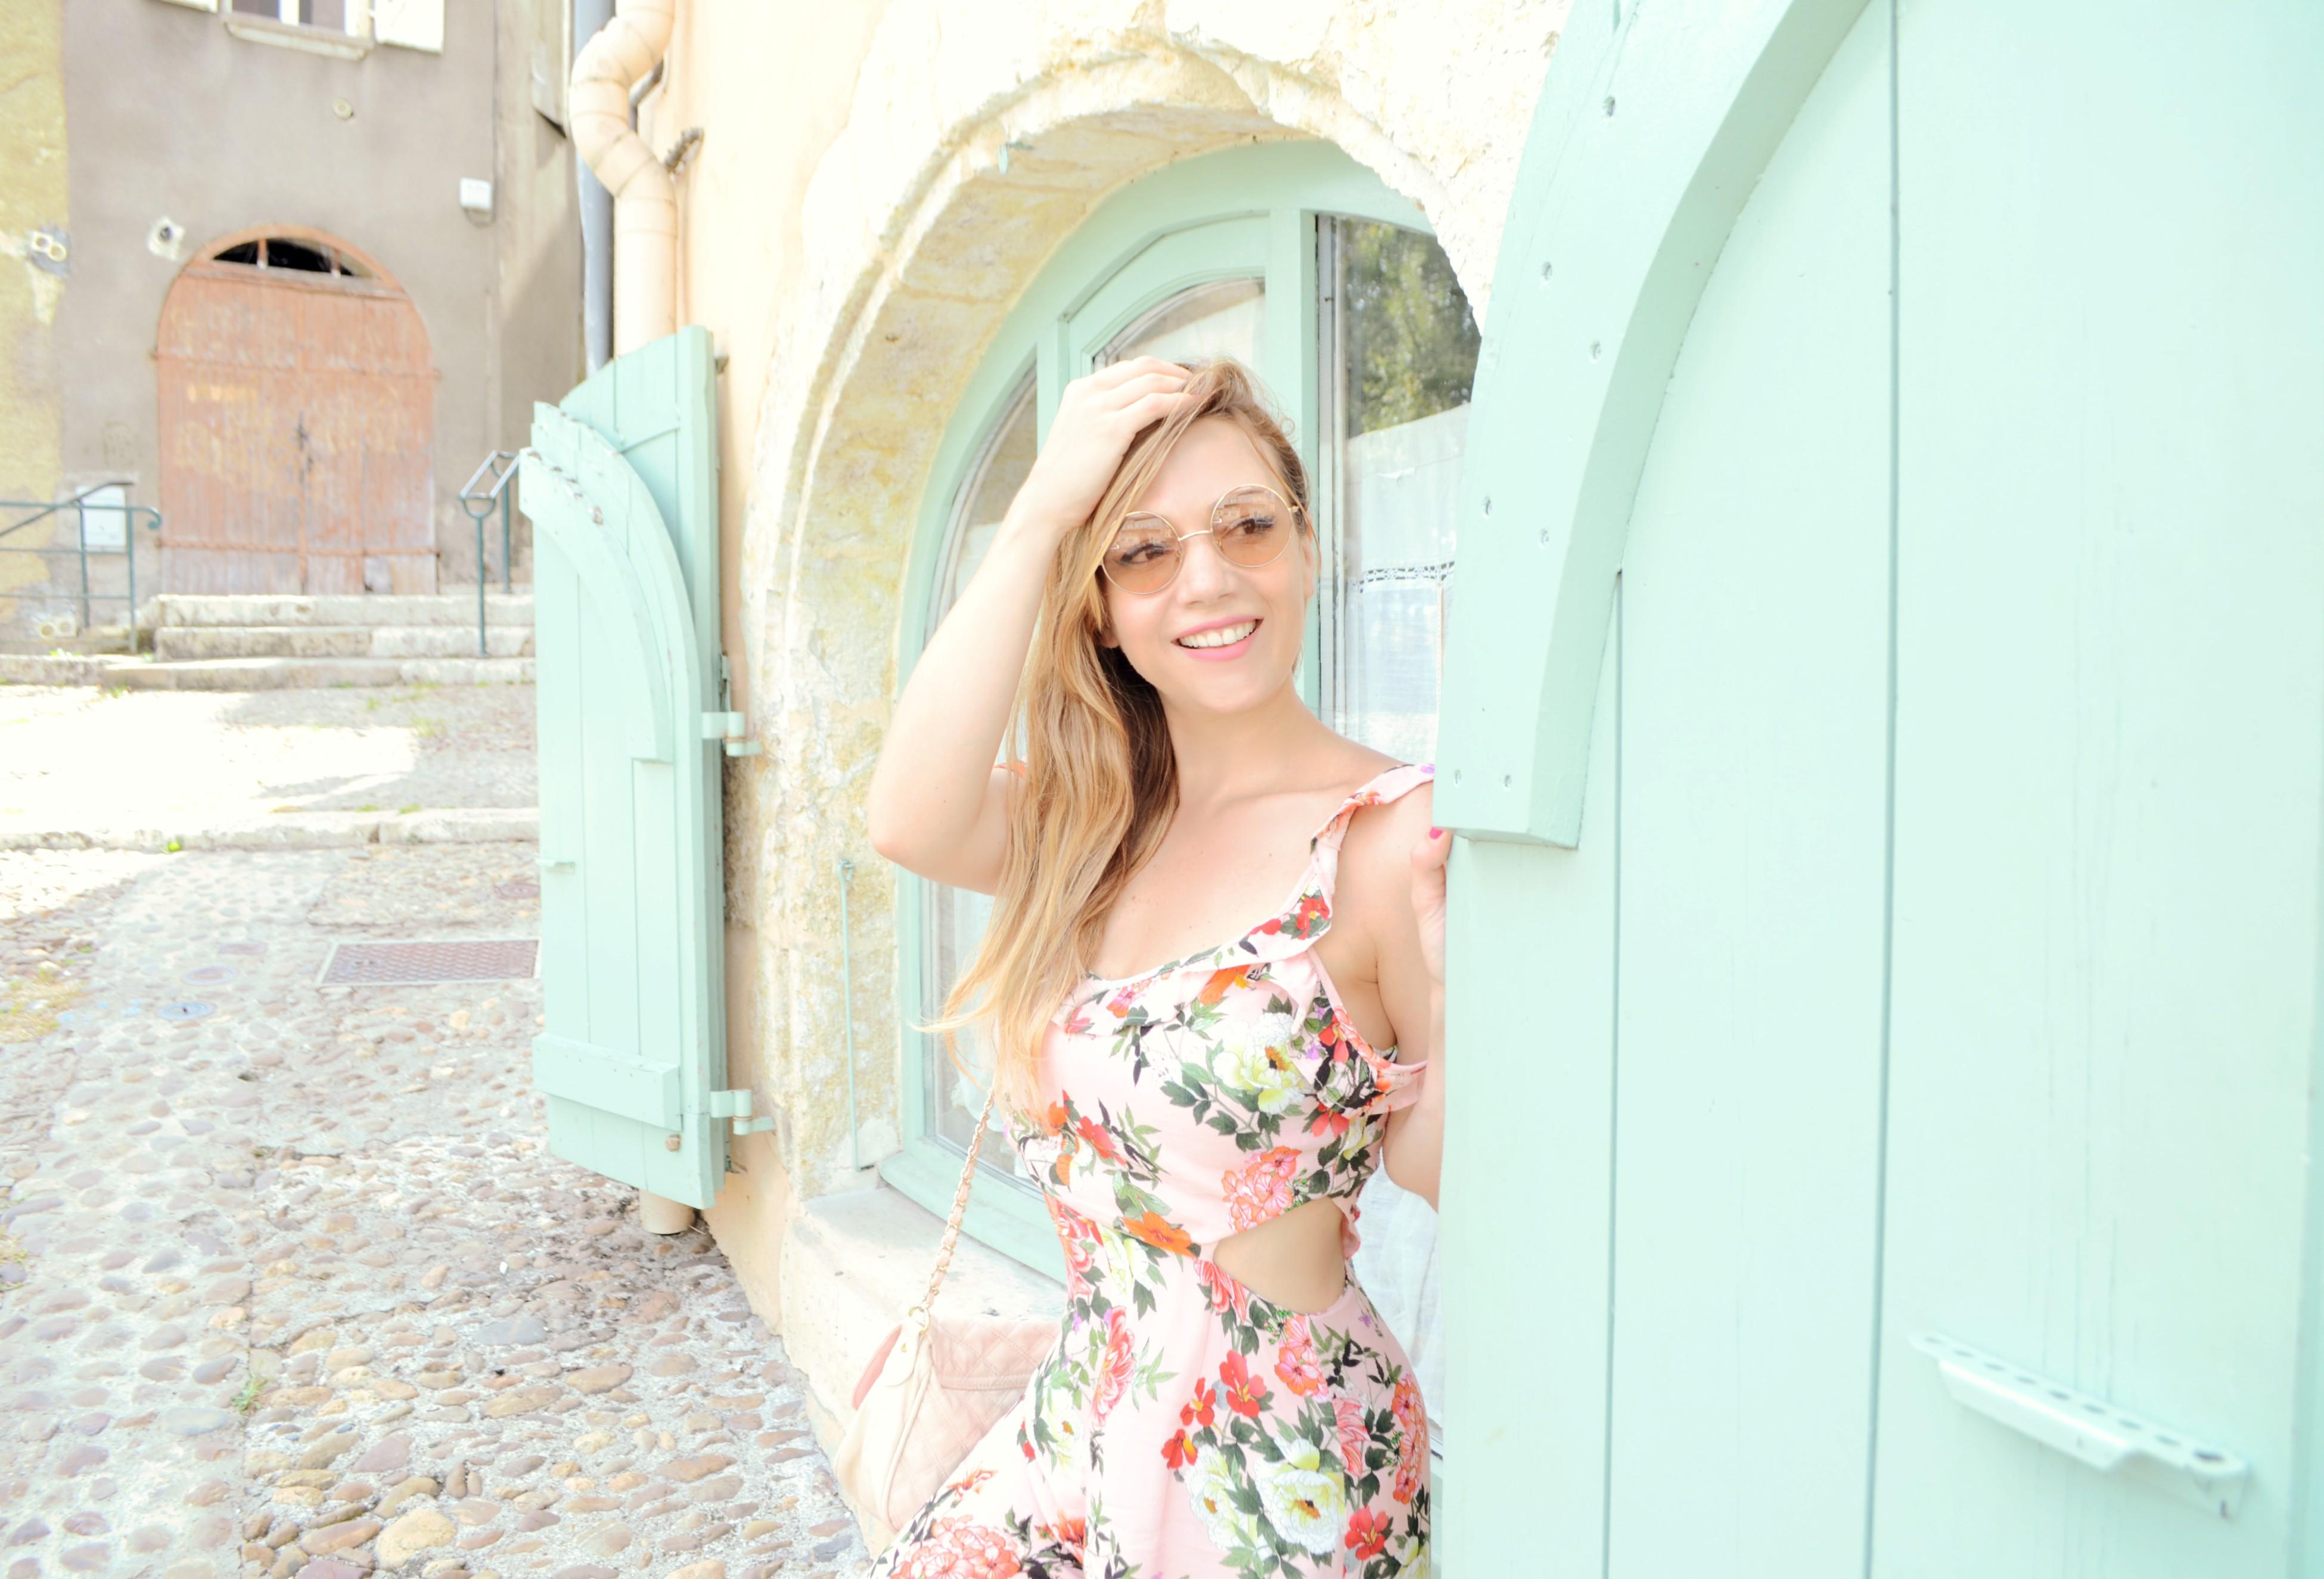 Blog-de-moda-fashionista-ChicAdicta-influencer-Chic-Adicta-fashiontravel-pastel-vans-jdsports-PiensaenChic-Piensa-en-Chic